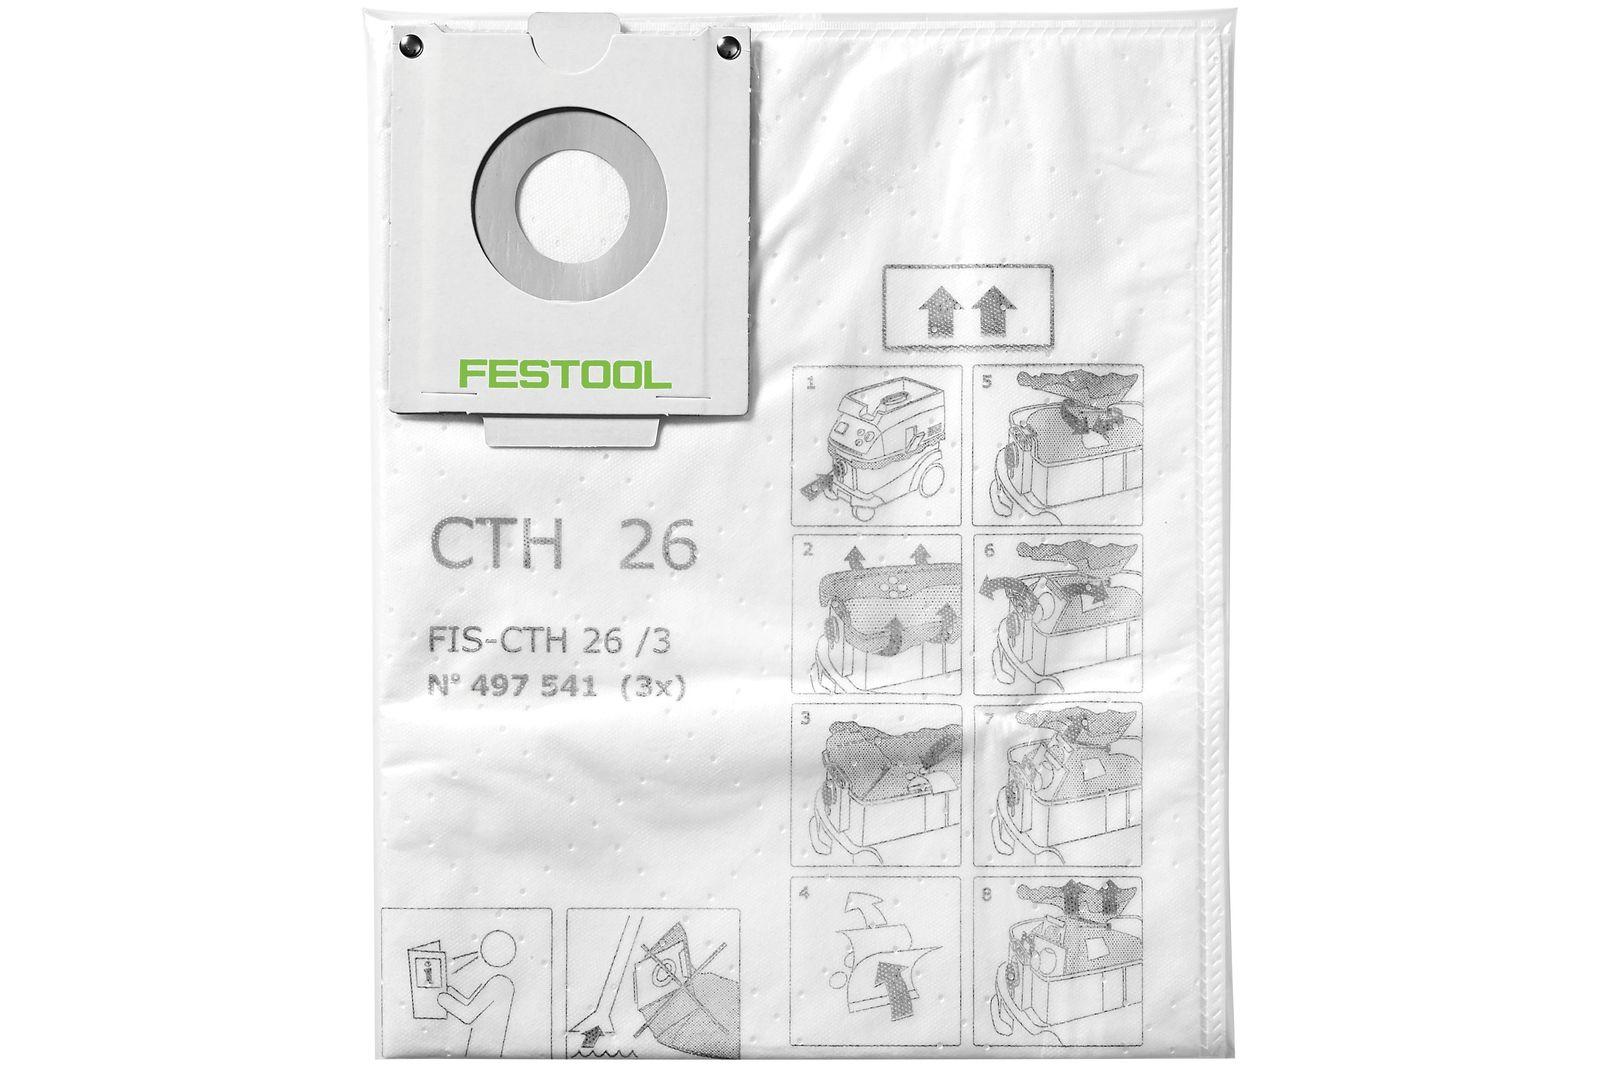 Tekstil støvposer Festool FIS-CTH 26/3 stk